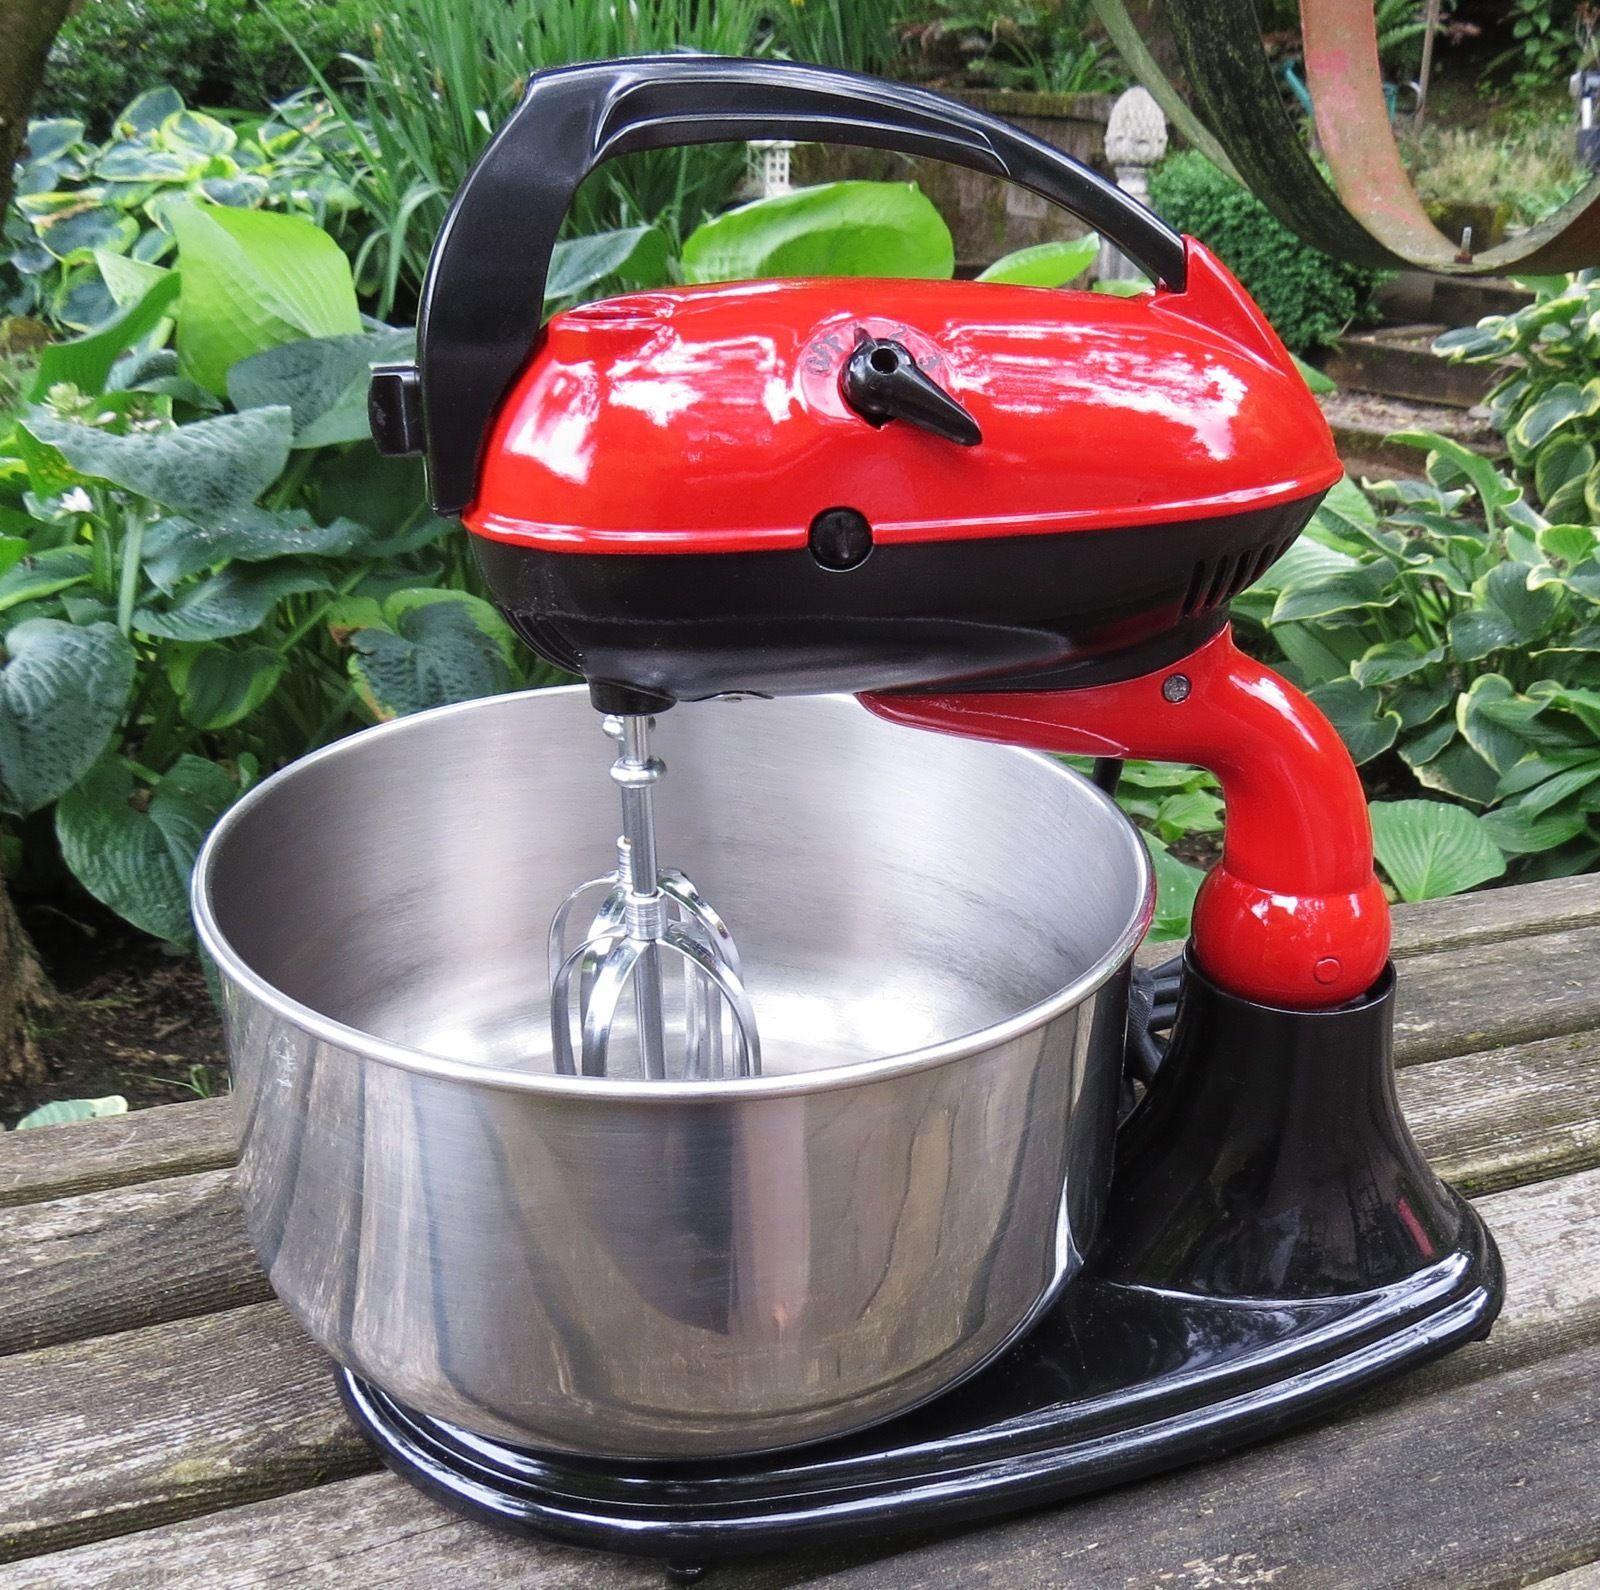 Restored RED & BLACK Vintage 1950\'s Dormeyer Model 3200 Stand Mixer ...